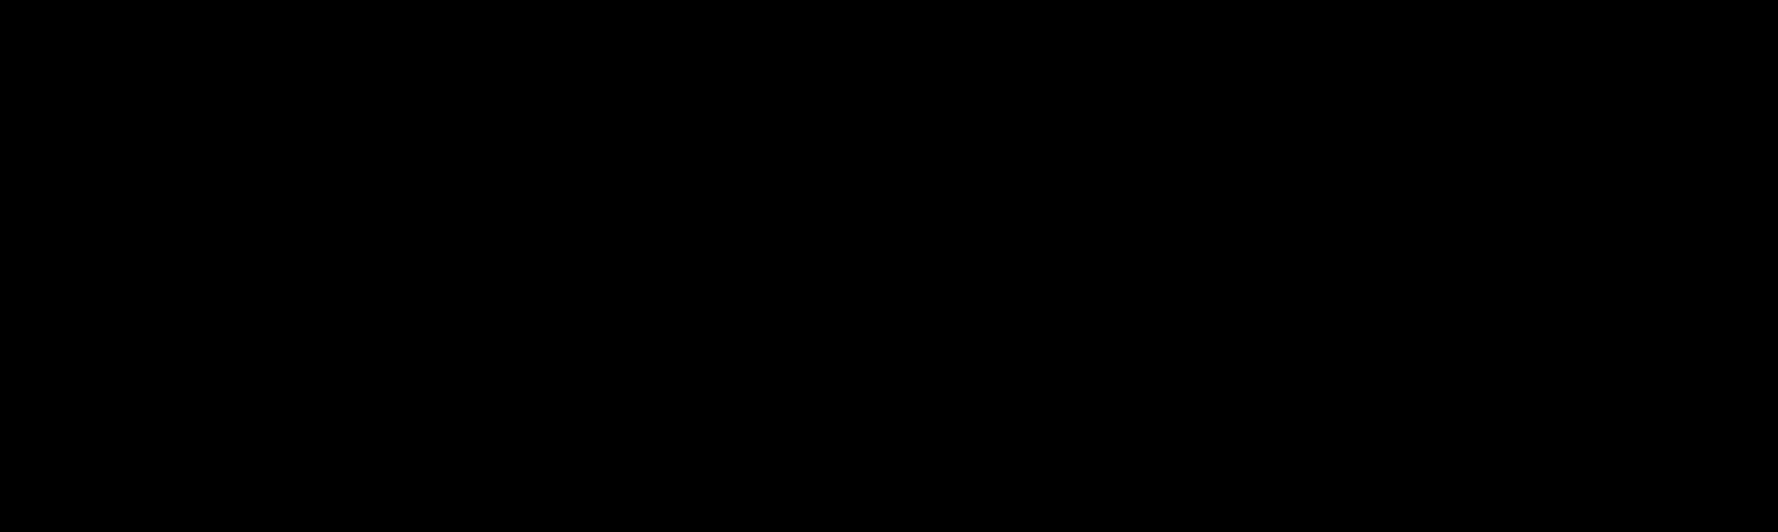 로지텍 - 일반/사무용 마우스